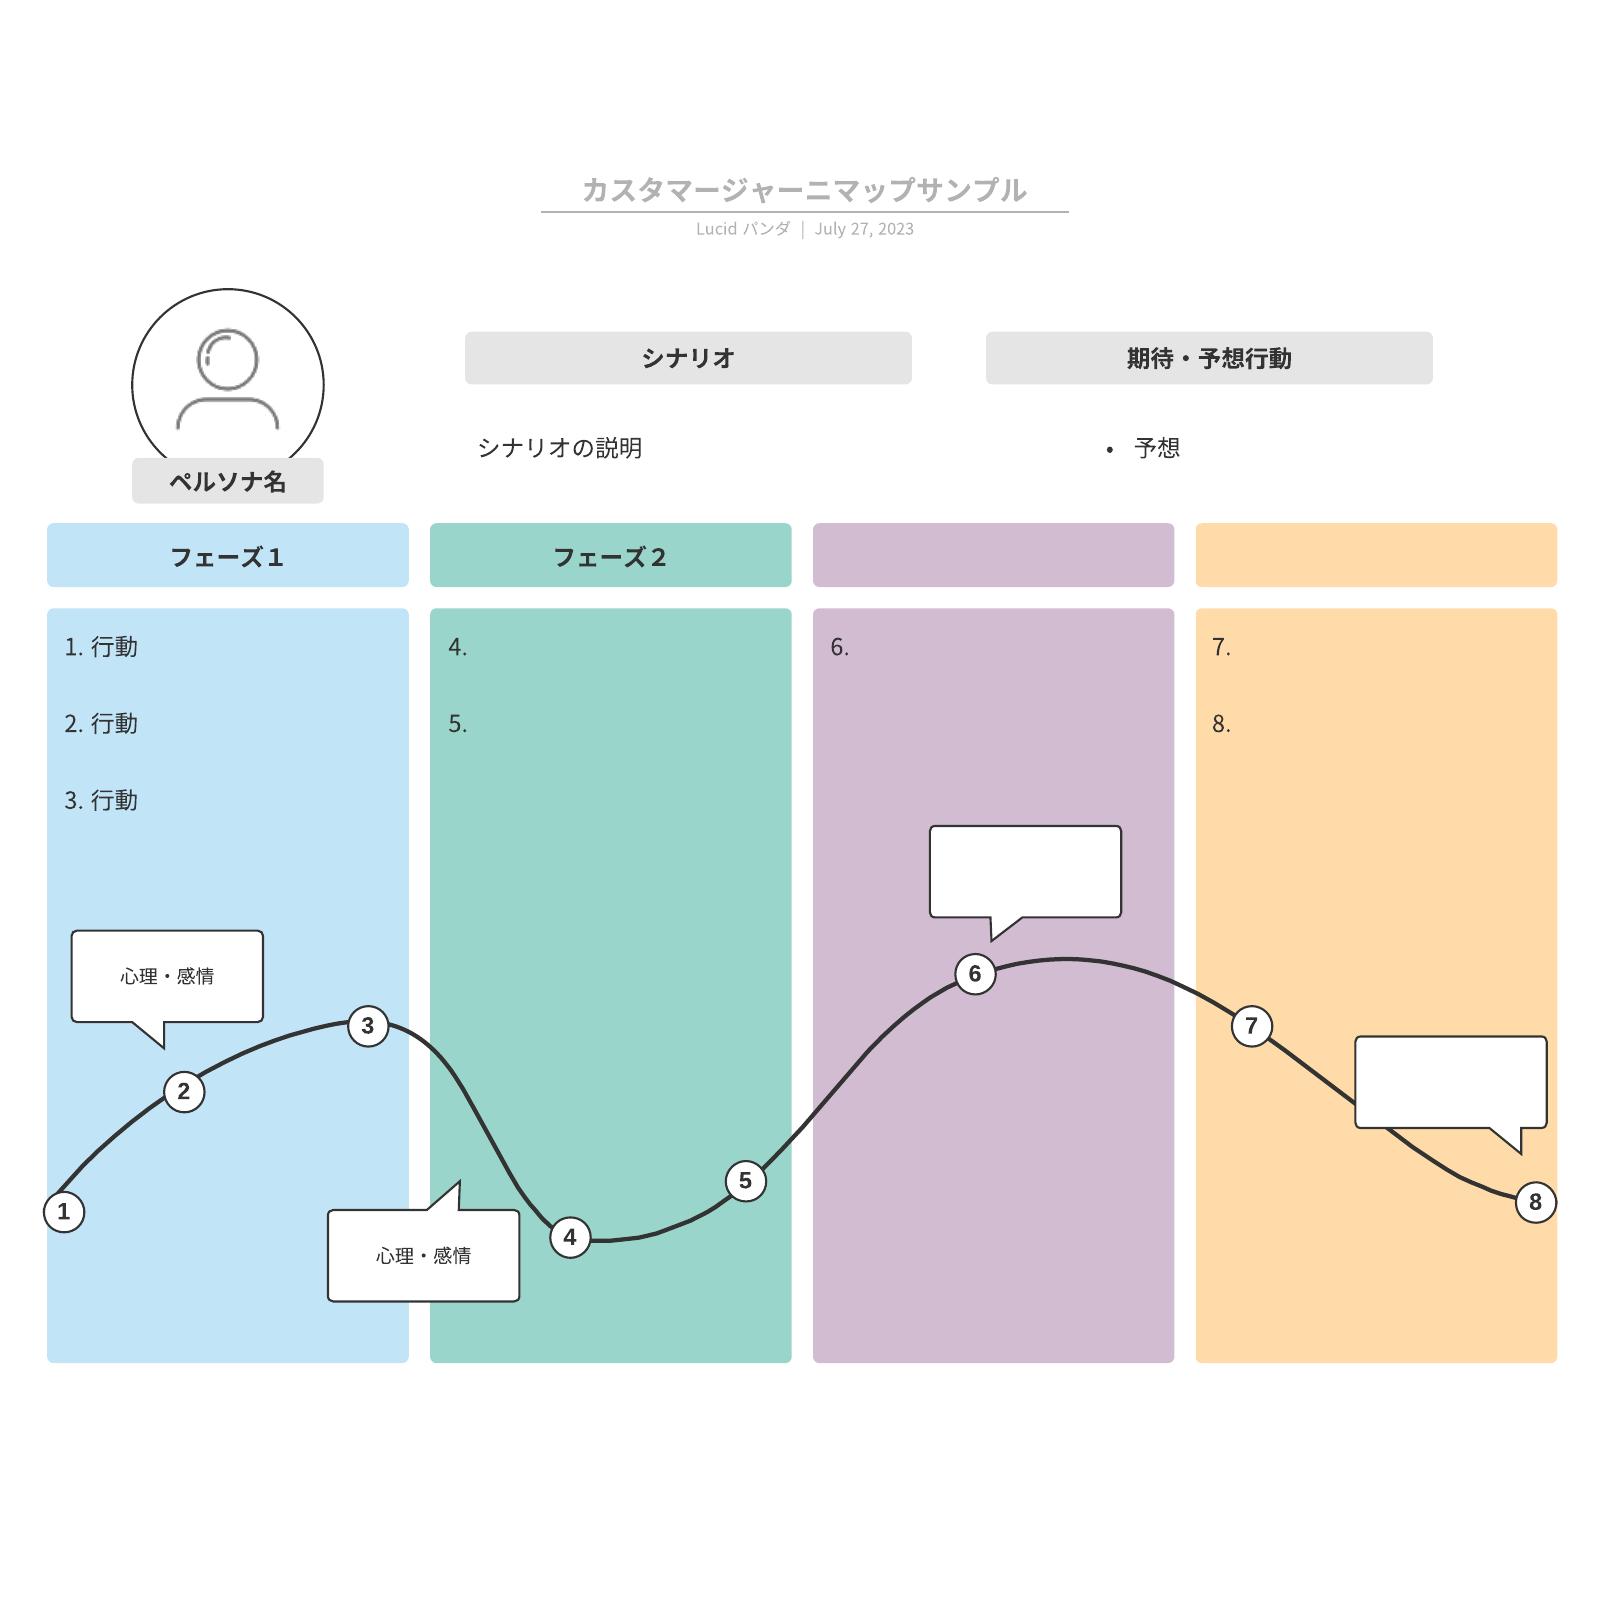 カスタマージャーニマップ作成テンプレート